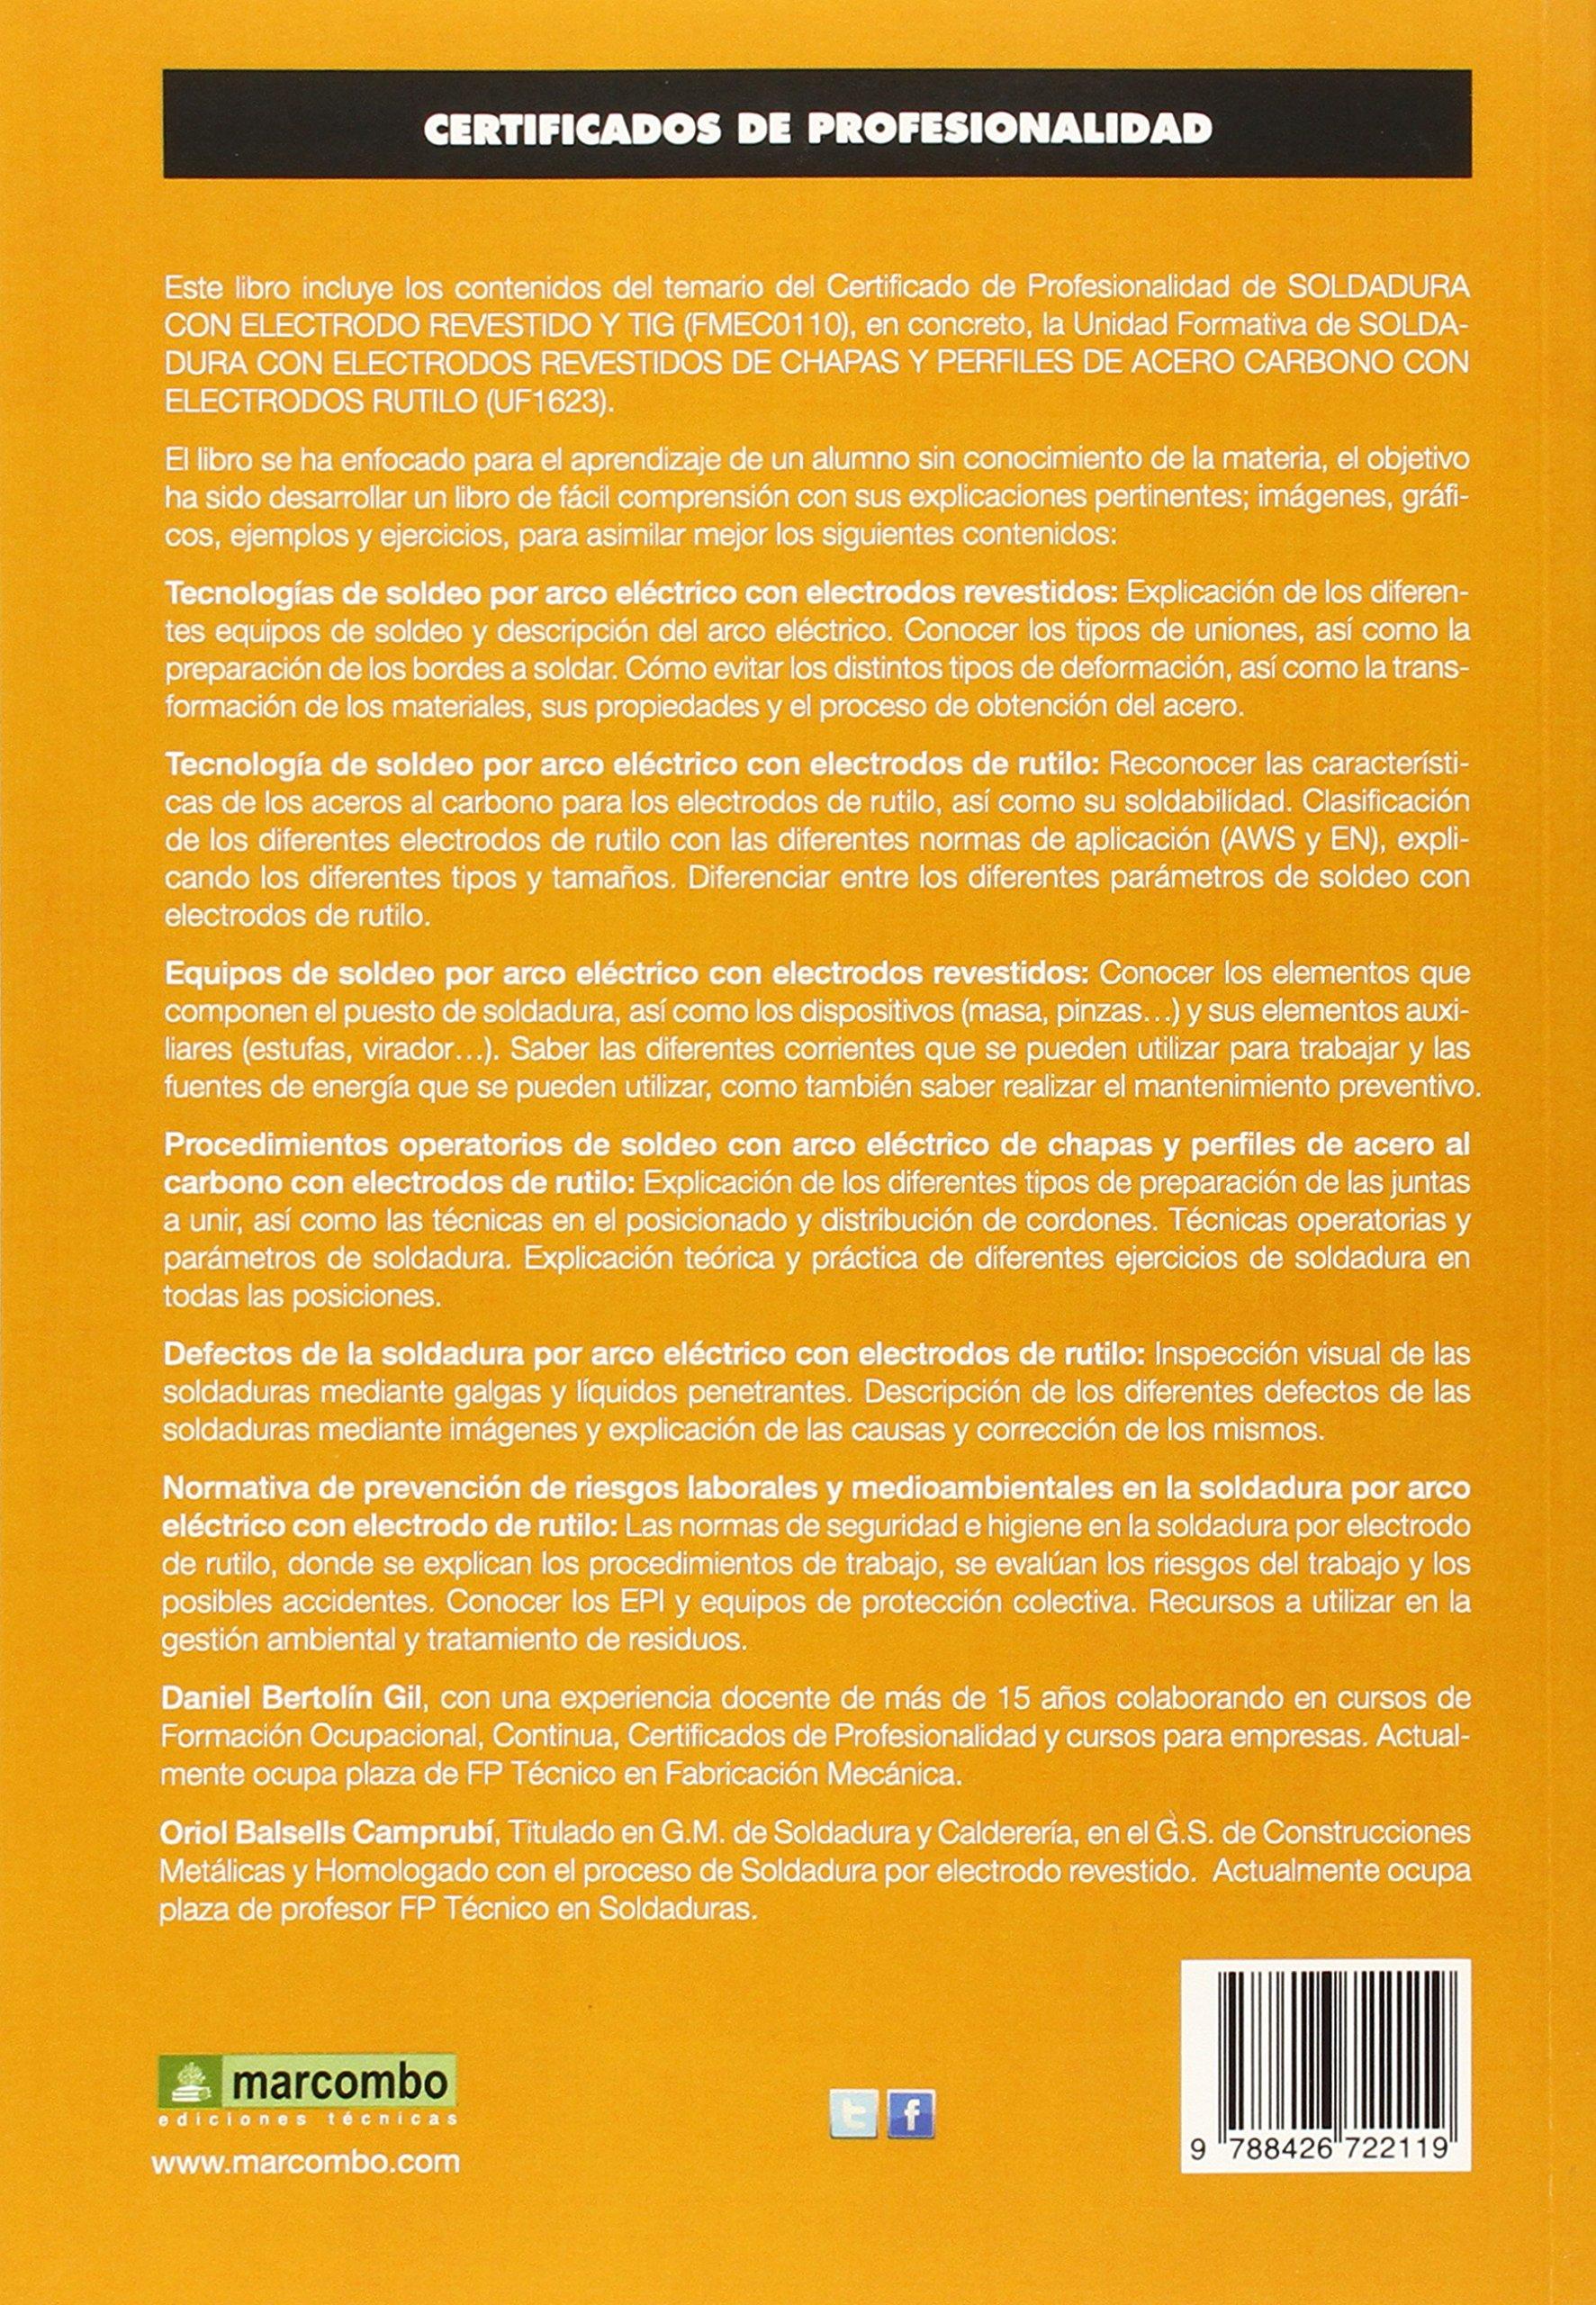 *UF1623: Soldadura con electrodos revestidos de chapas y perfiles de acero carbónico con electrodos de rútilo CERTIFICADOS DE PROFESIONALIDAD: Amazon.es: ...